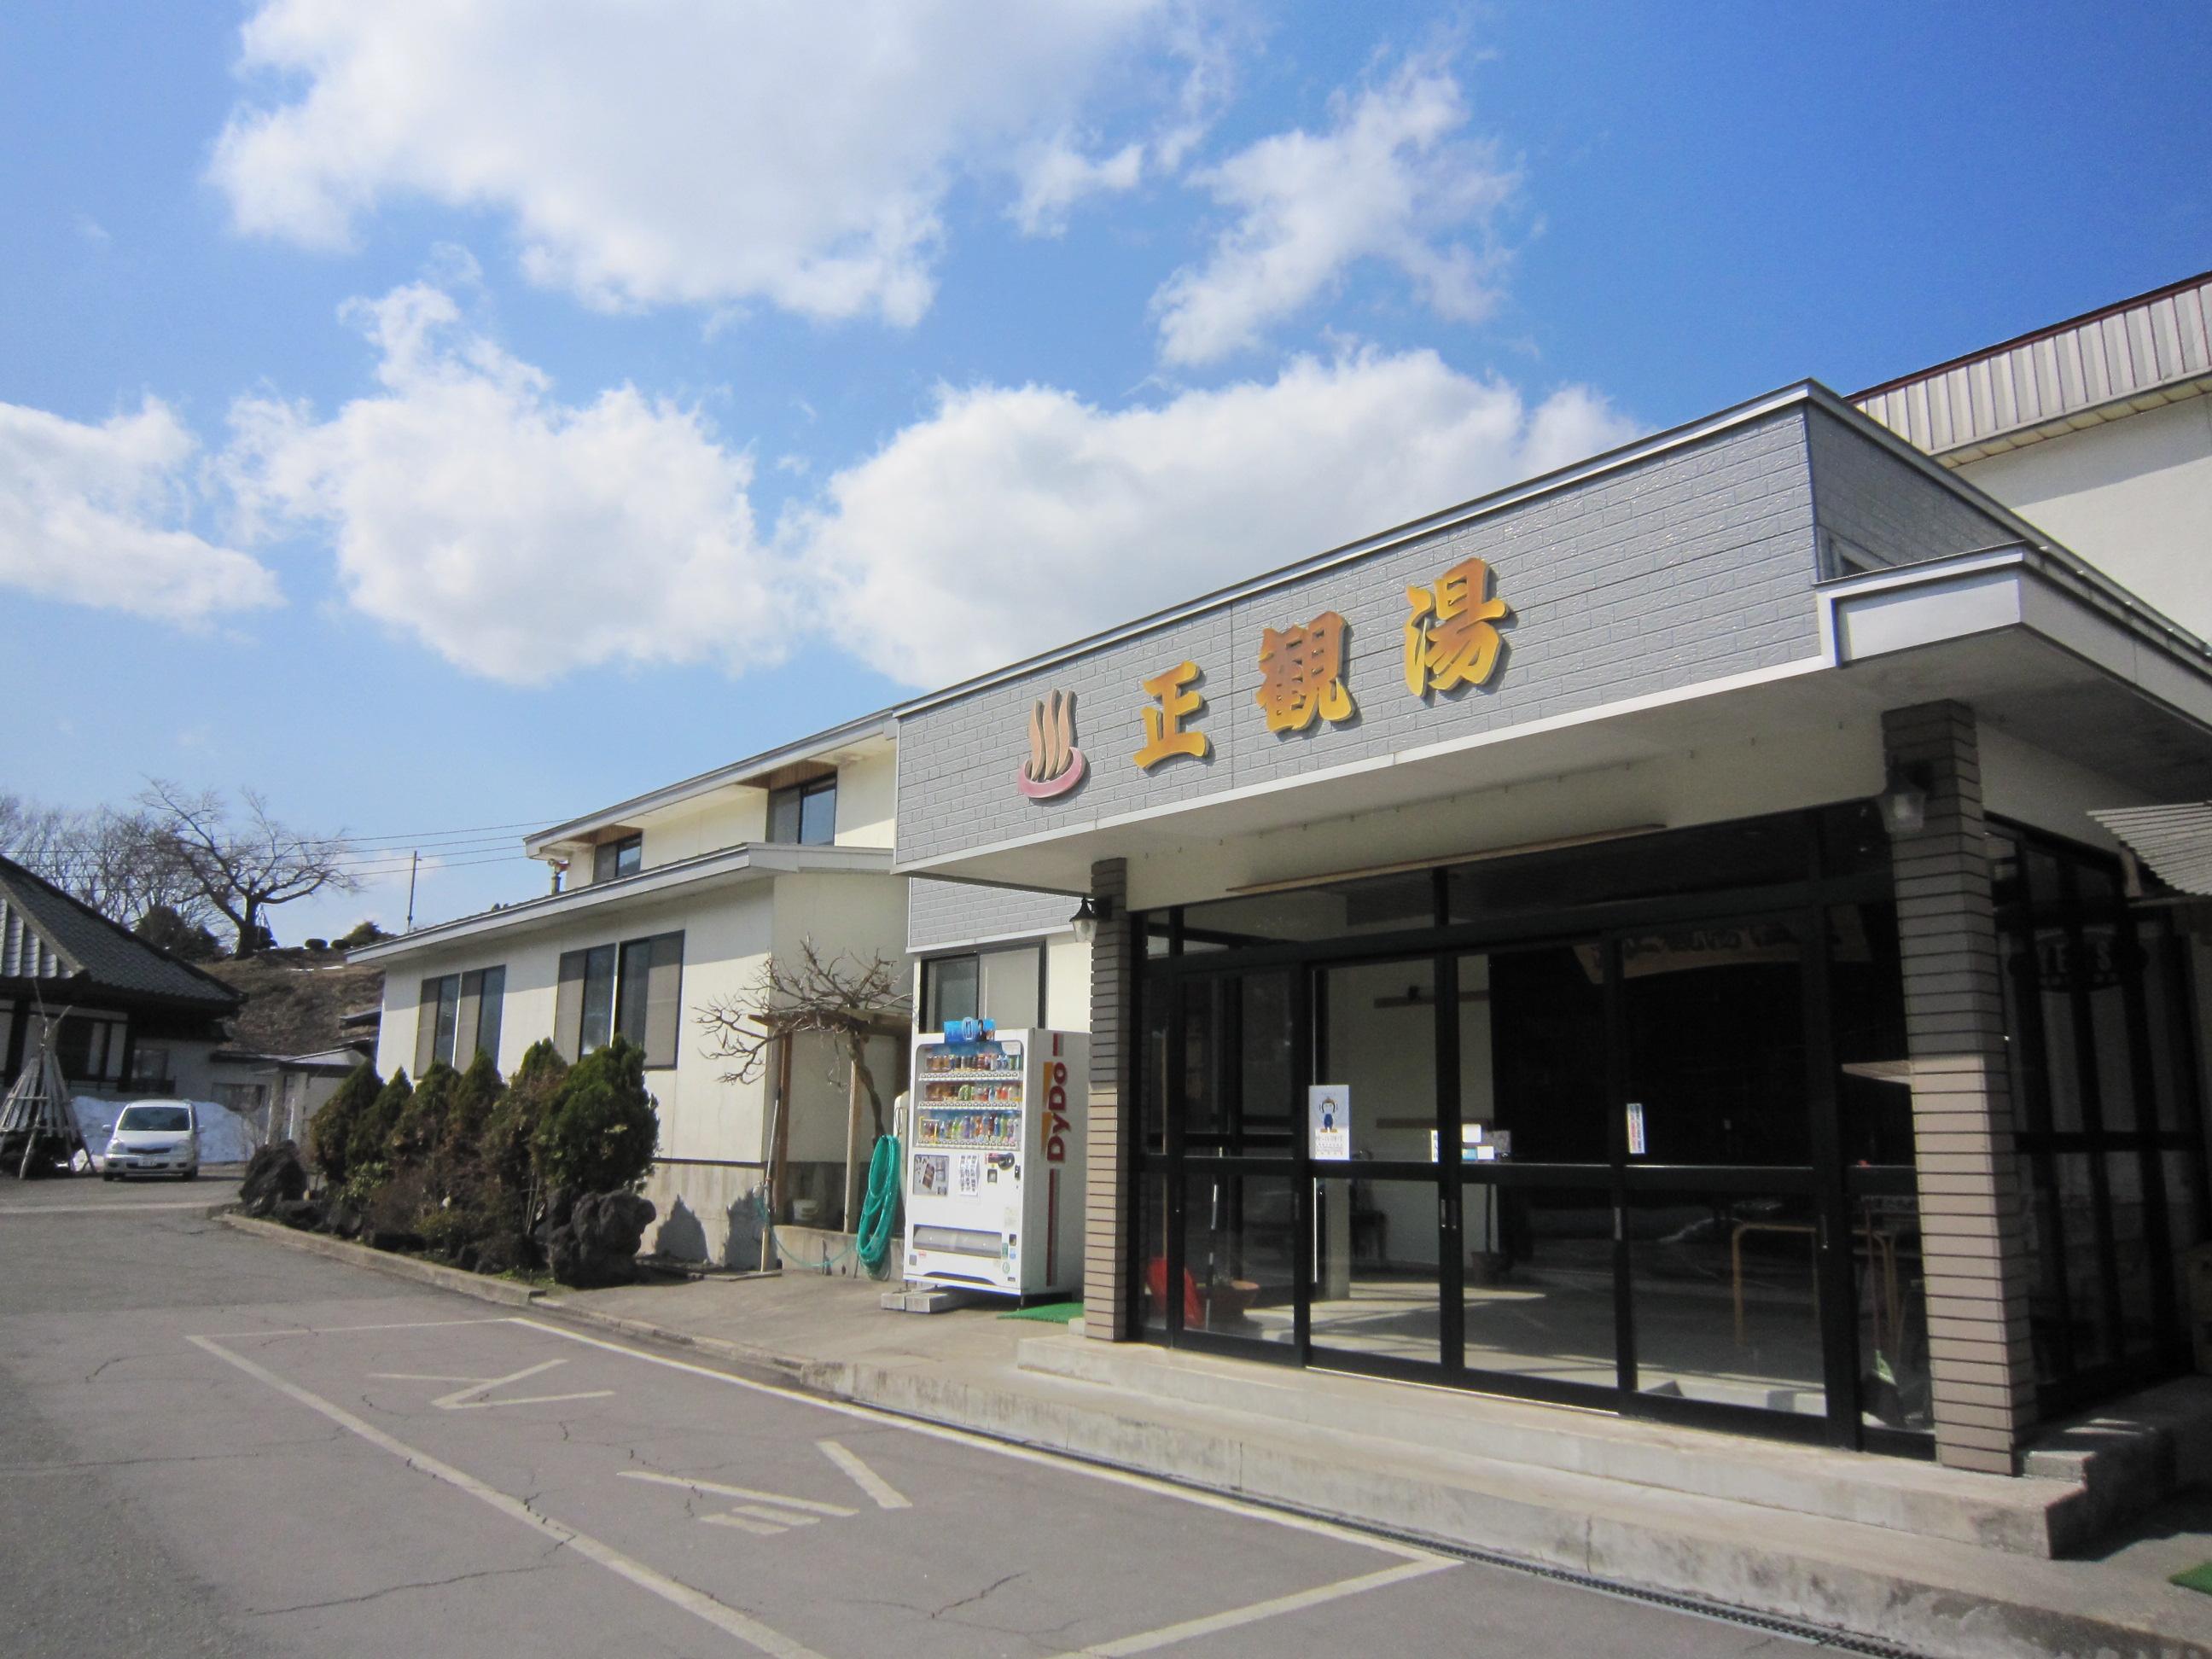 正観湯温泉旅館(しょうかんとう)